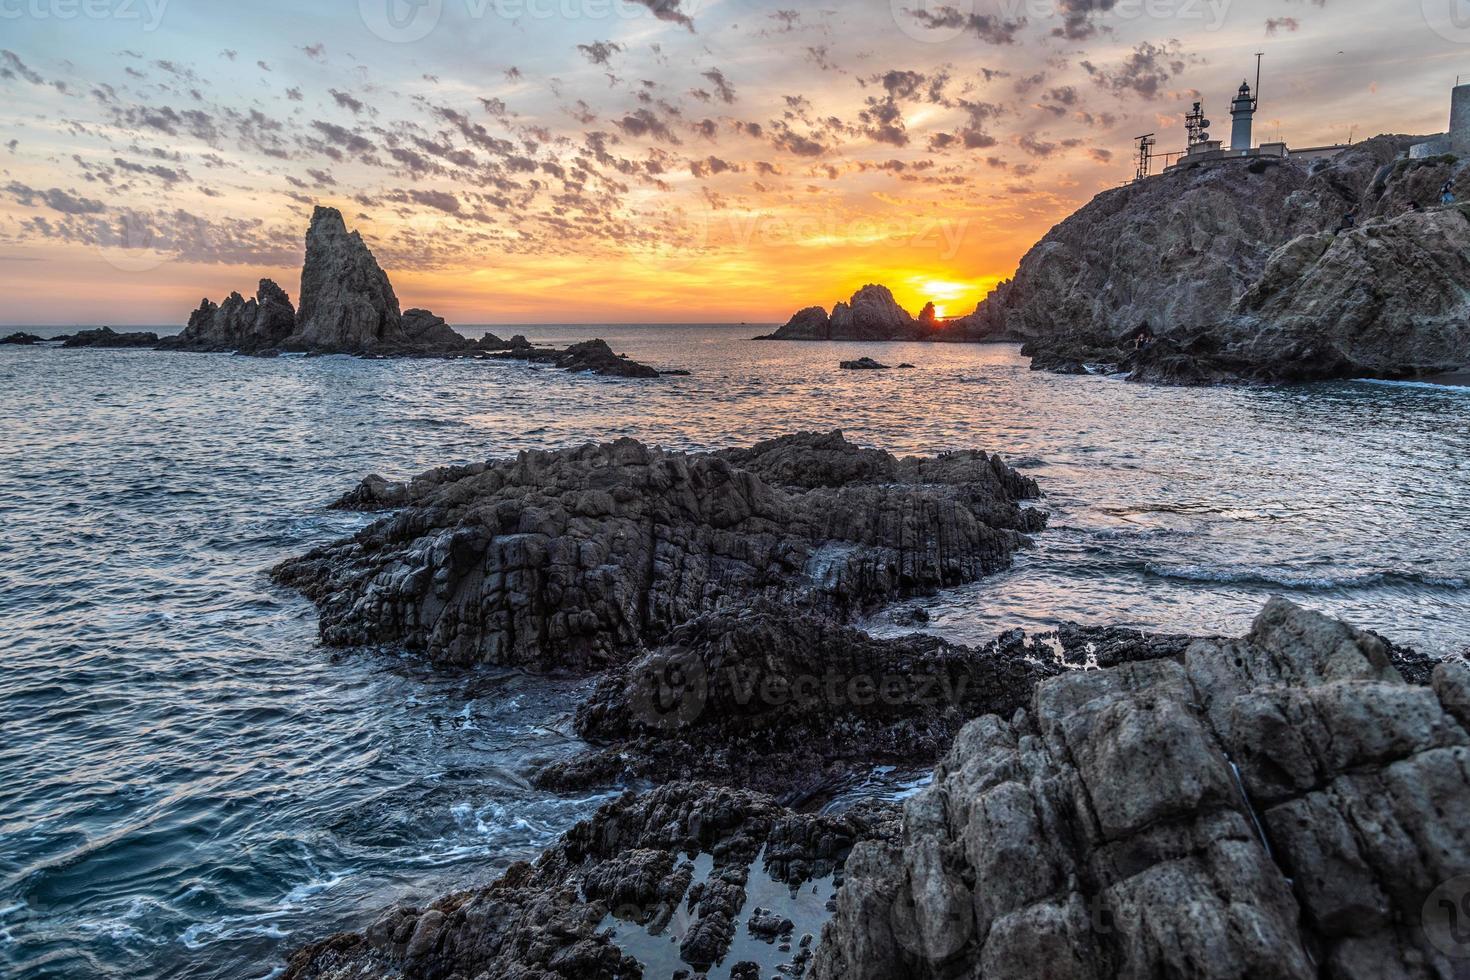 Sonnenuntergang an einer schönen Küste foto